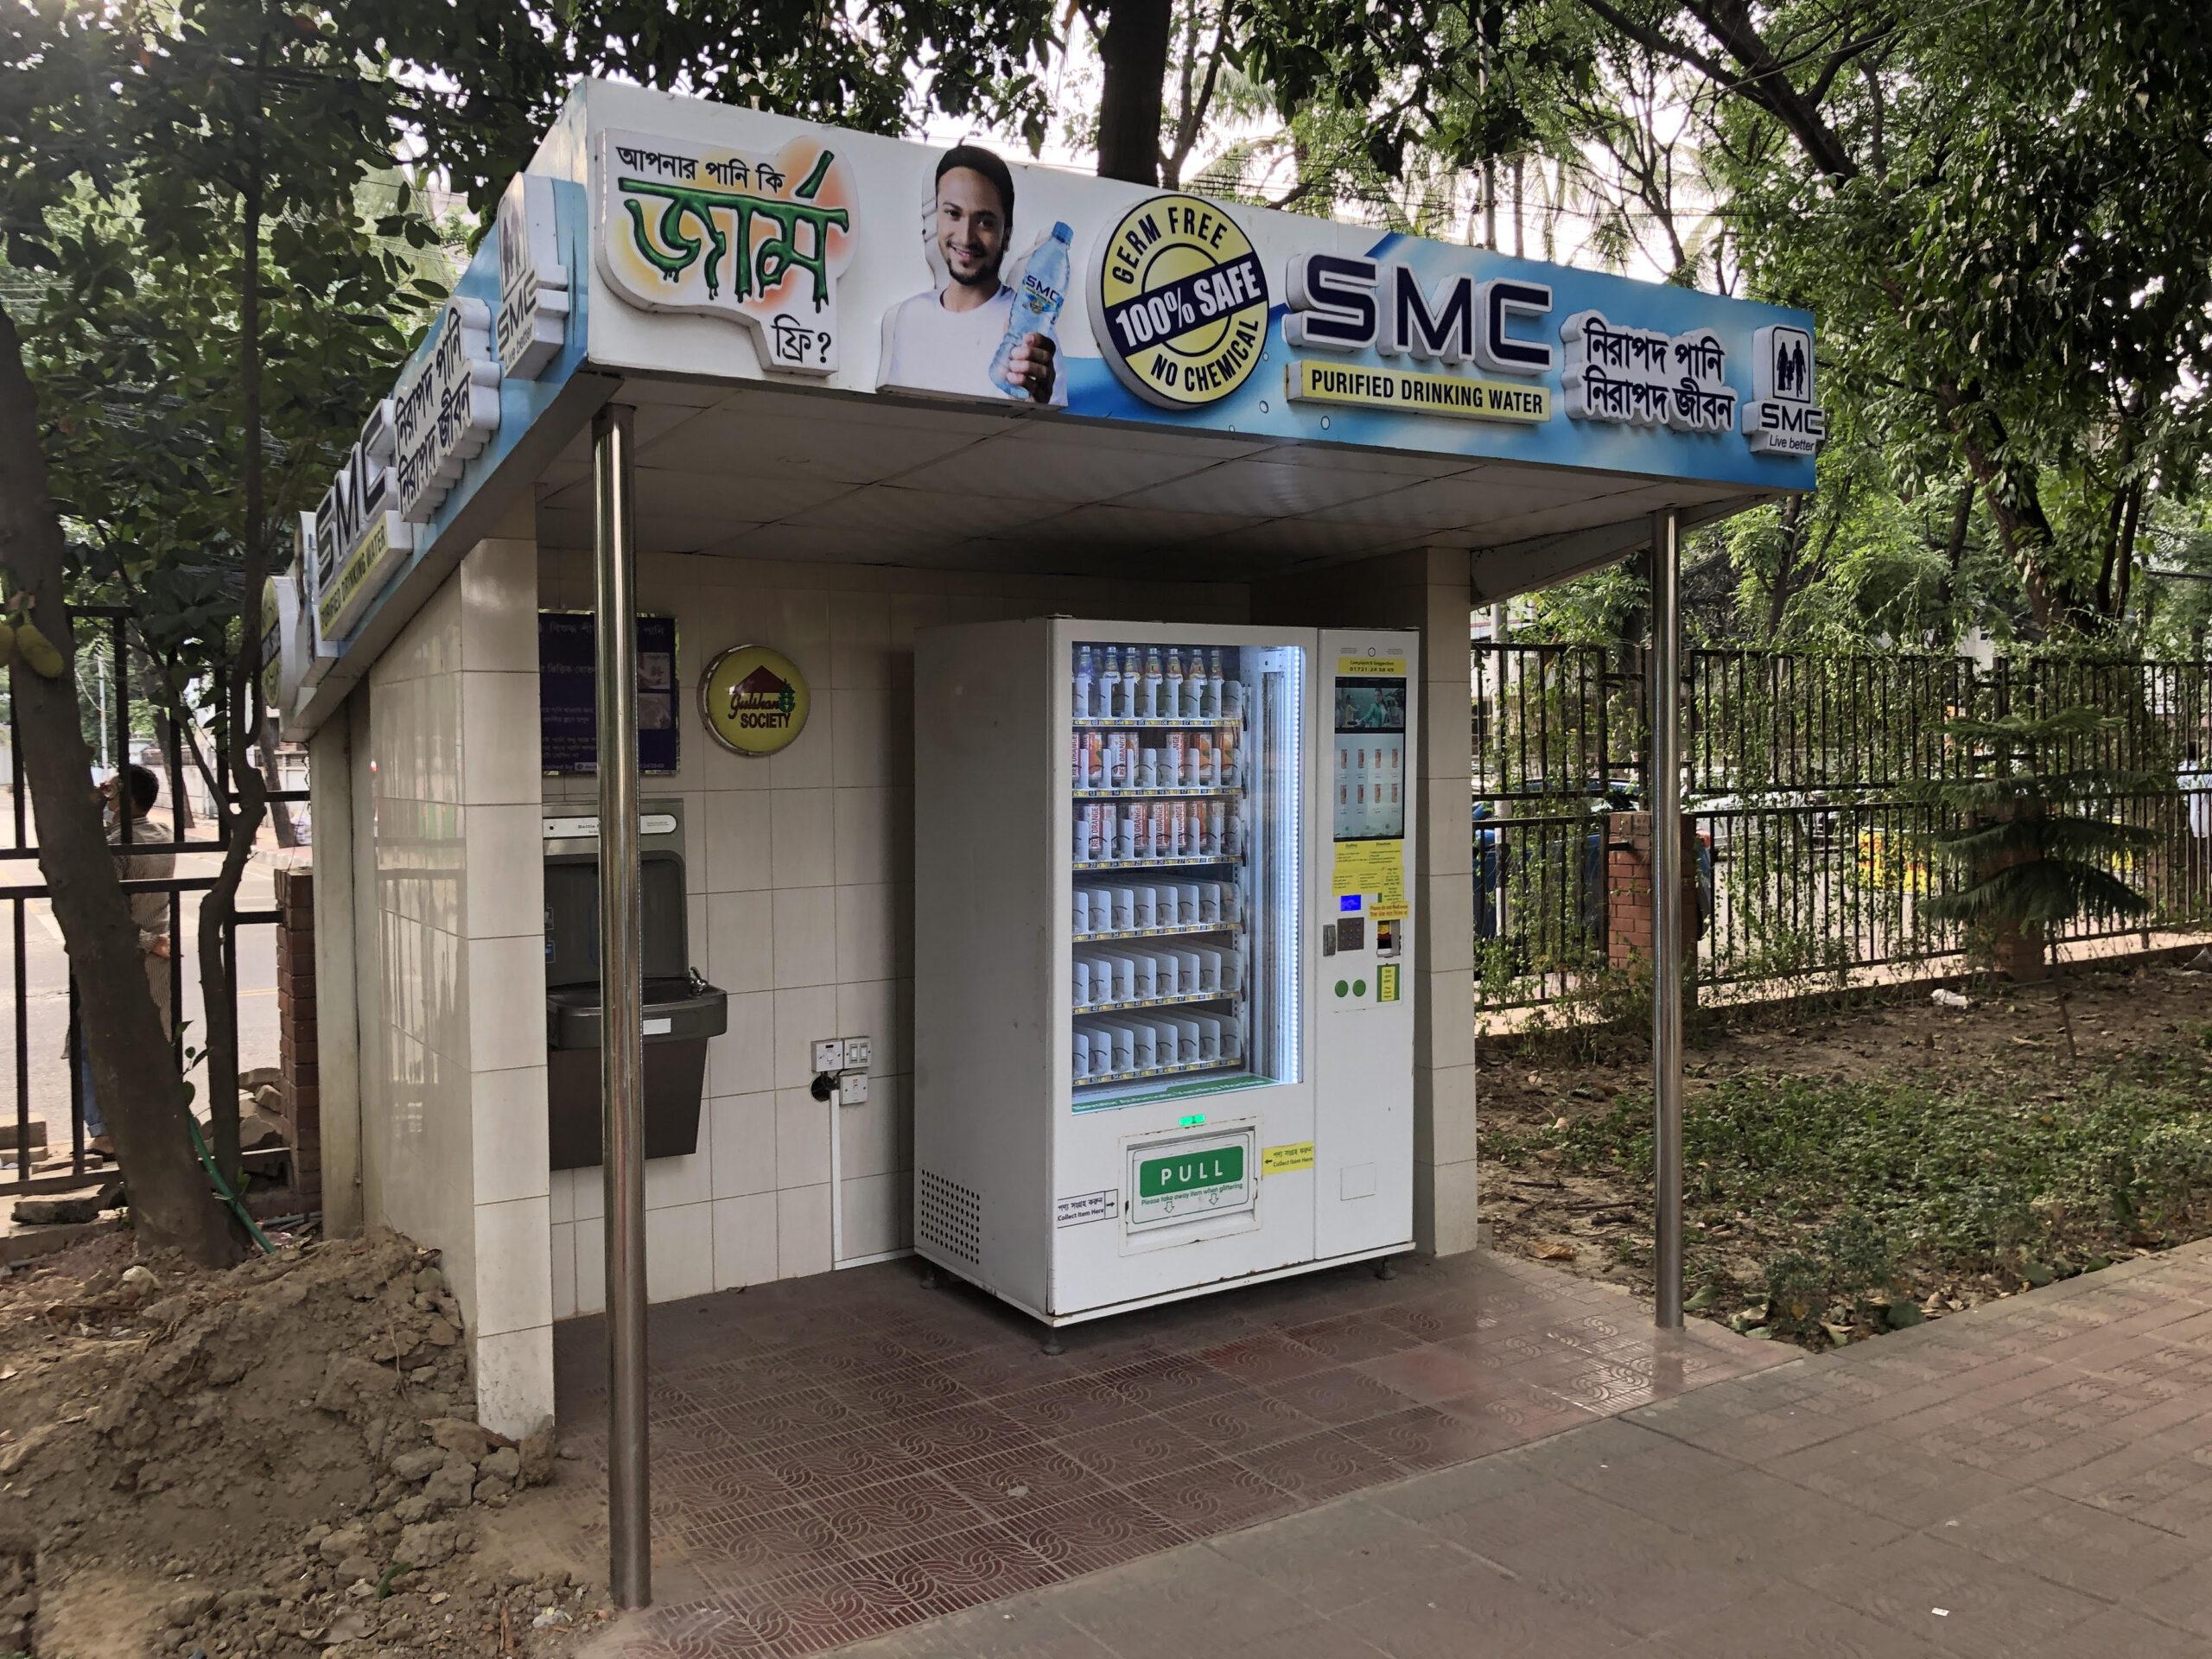 ダッカで唯一の自動販売機!?@グルシャンレイクパーク